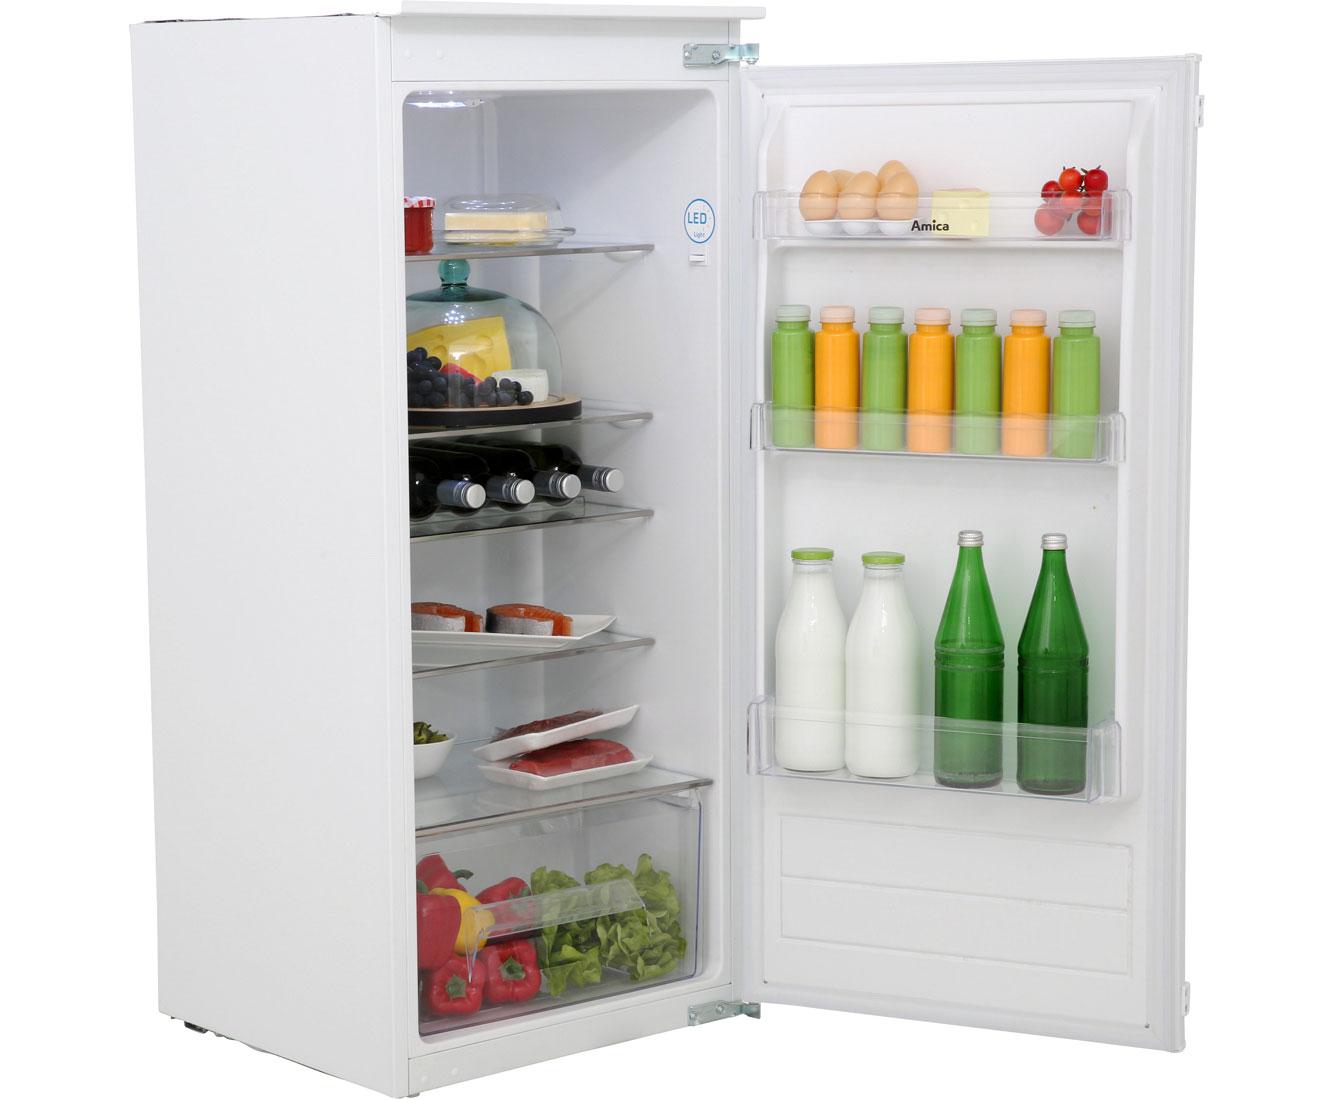 Amica Kühlschrank Firma : Amica evks einbau kühlschrank er nische schlepptür